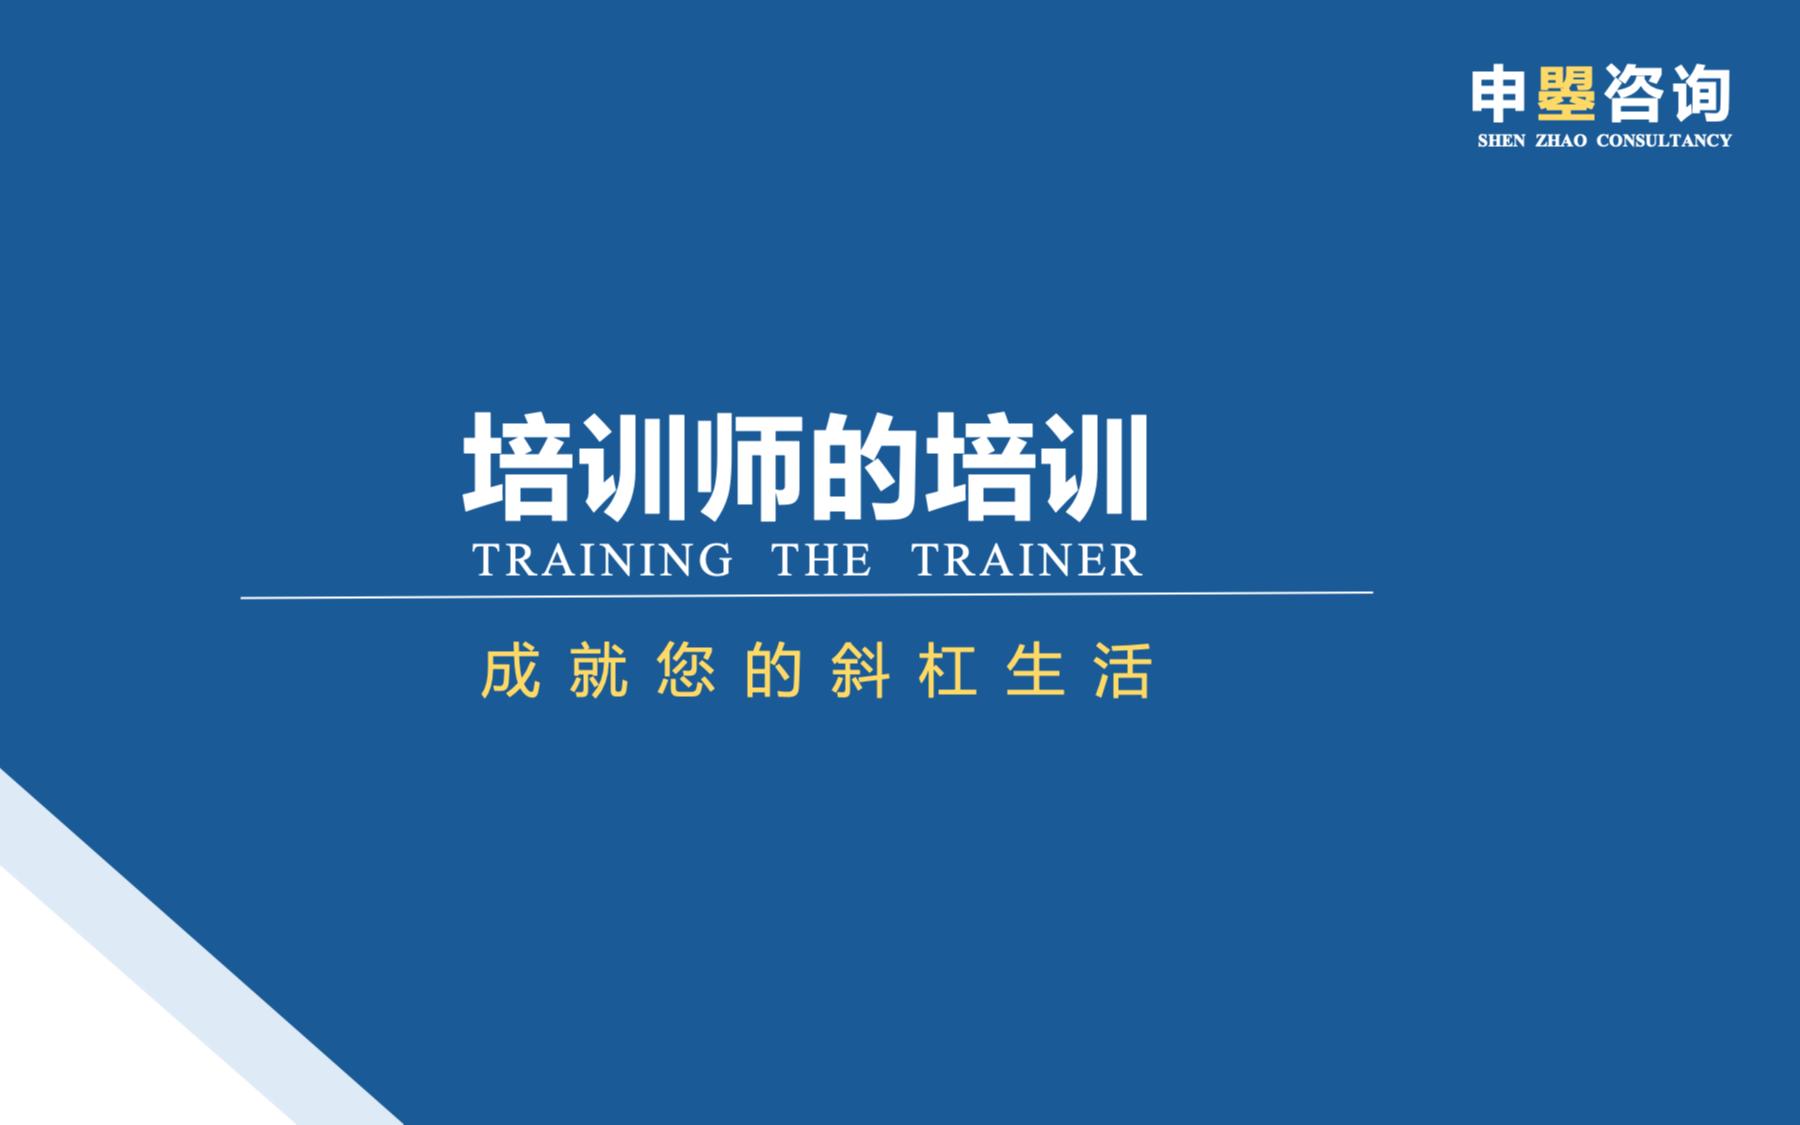 成就您的斜杠生活——《培訓師的培訓》(上海)